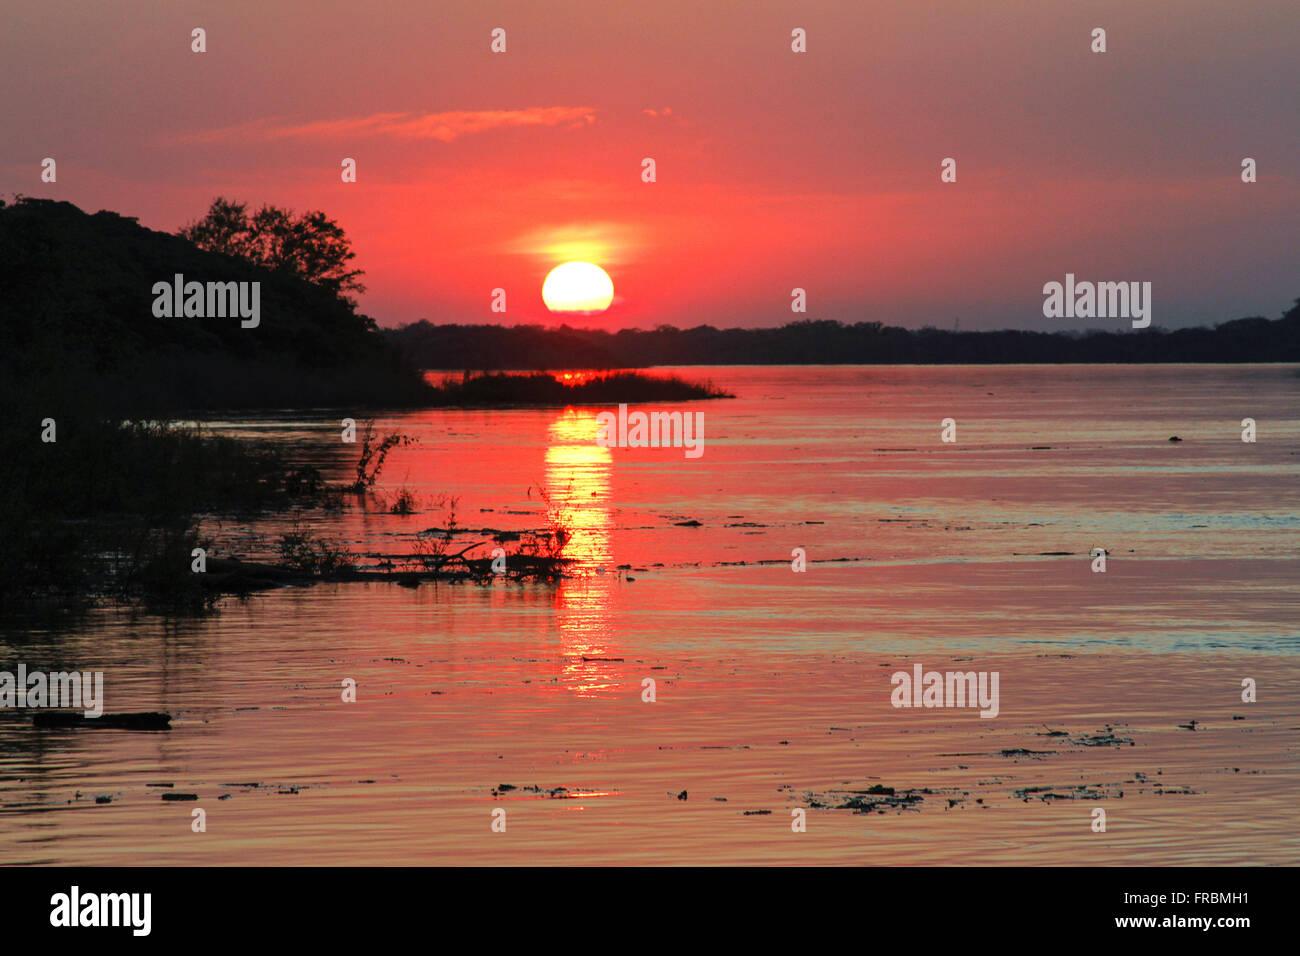 Couchers de soleil sur la rivière Photo Stock